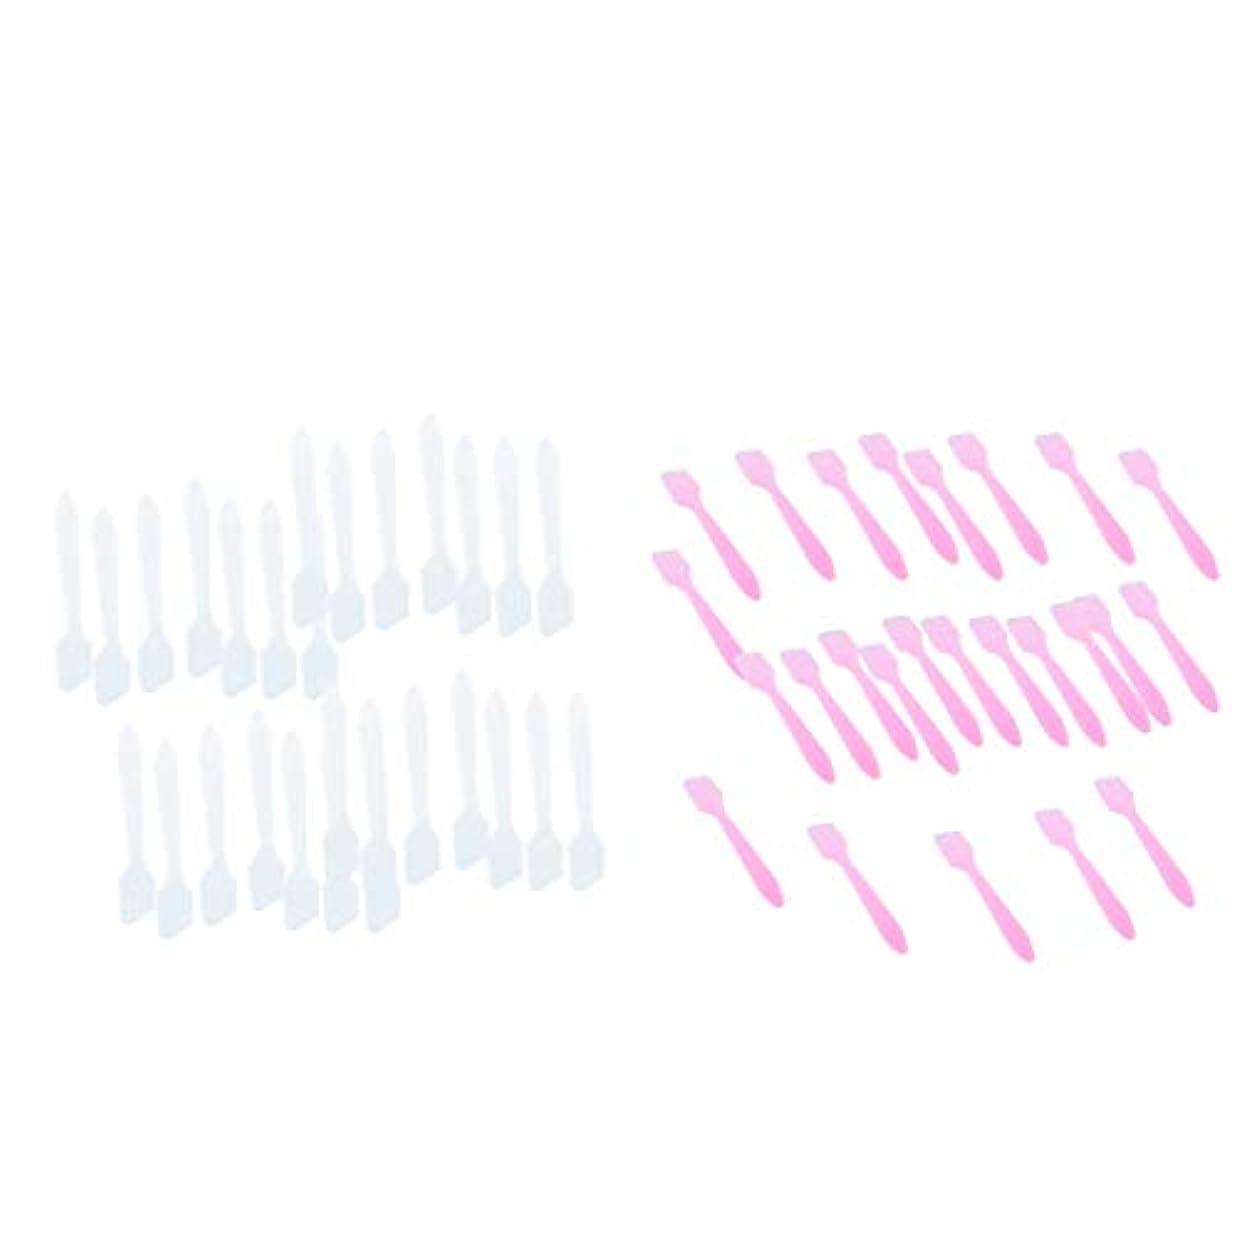 マージン姓抵当フェイシャル フェイスマスク混合ツール 化粧品へら 約200個 全2選択 - 白+ピンク